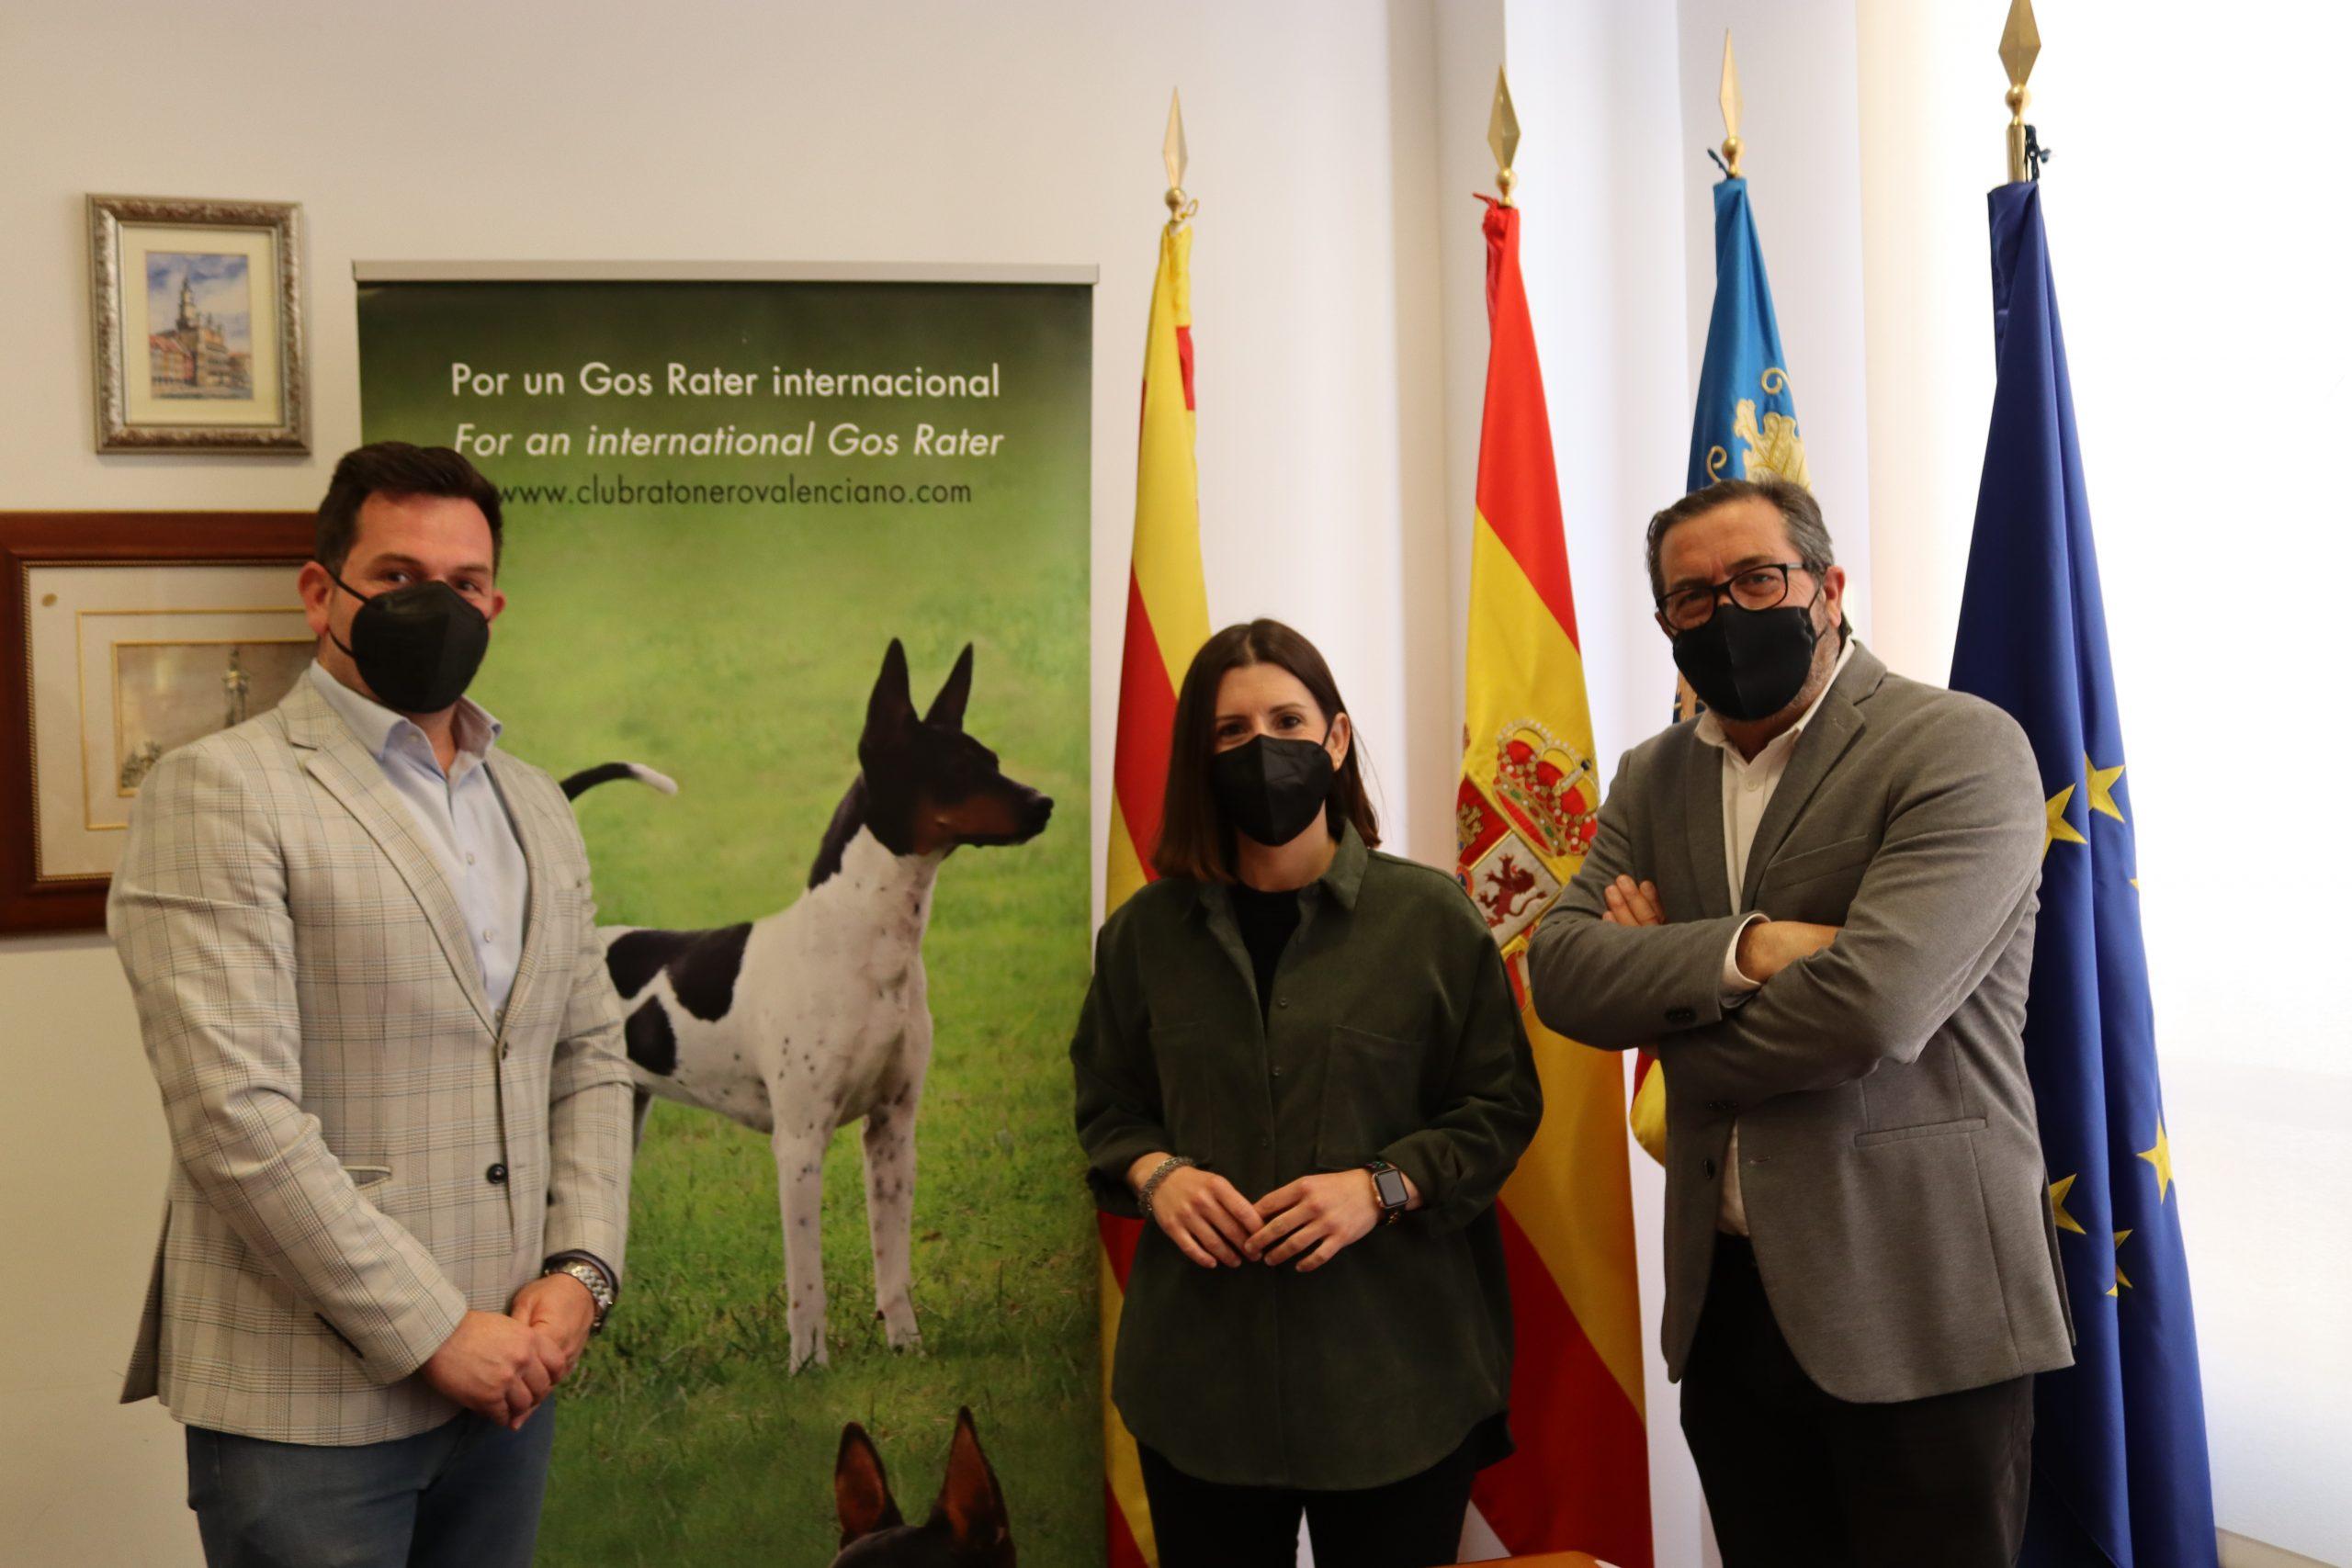 Tradiciones muestra su respaldo al Club del Perro Ratonero Valenciano para el reconocimiento internacional de la raza